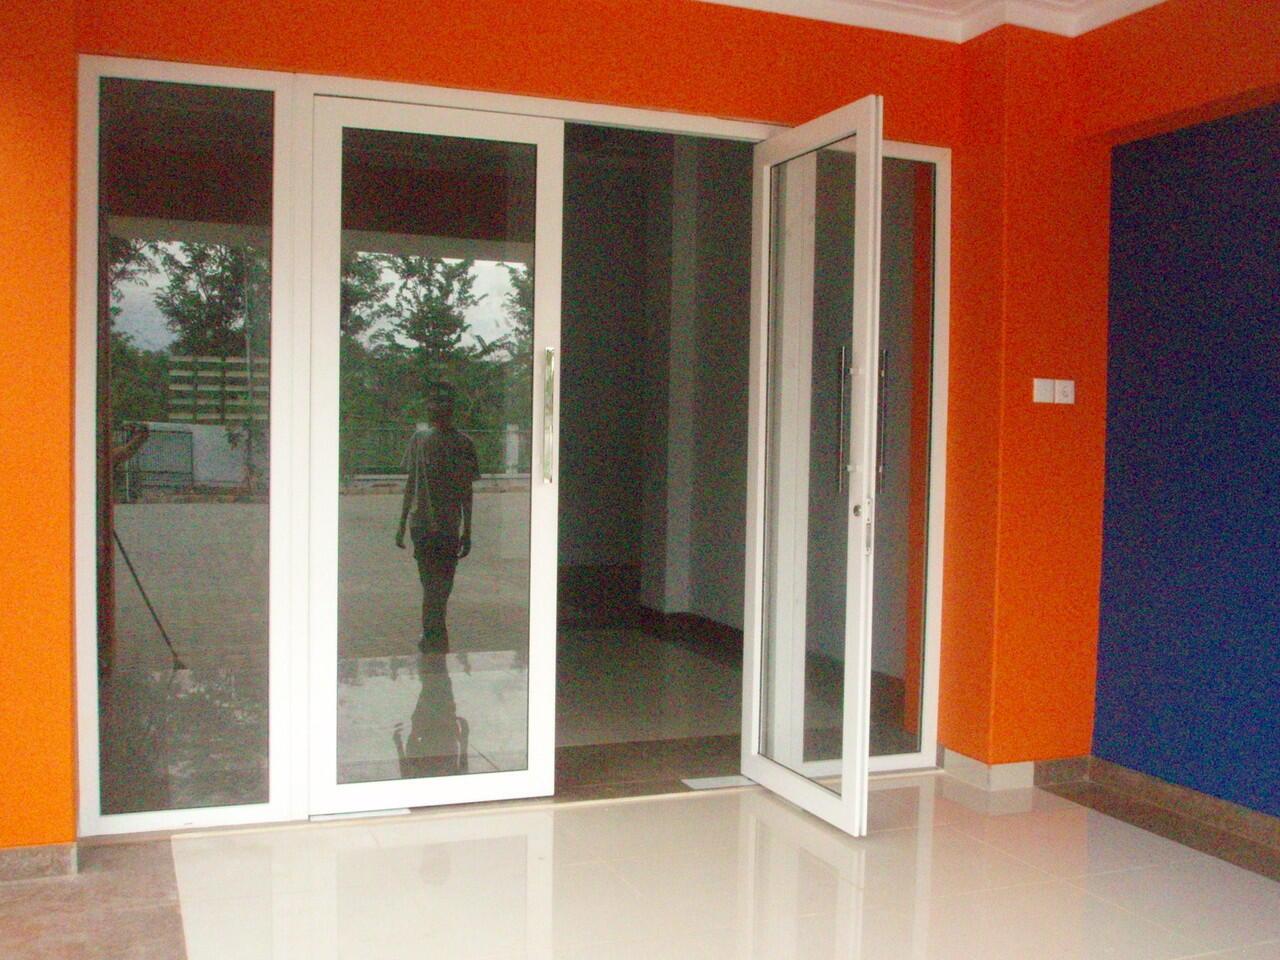 UPVC kusen,pintu dan jendela anti rayap